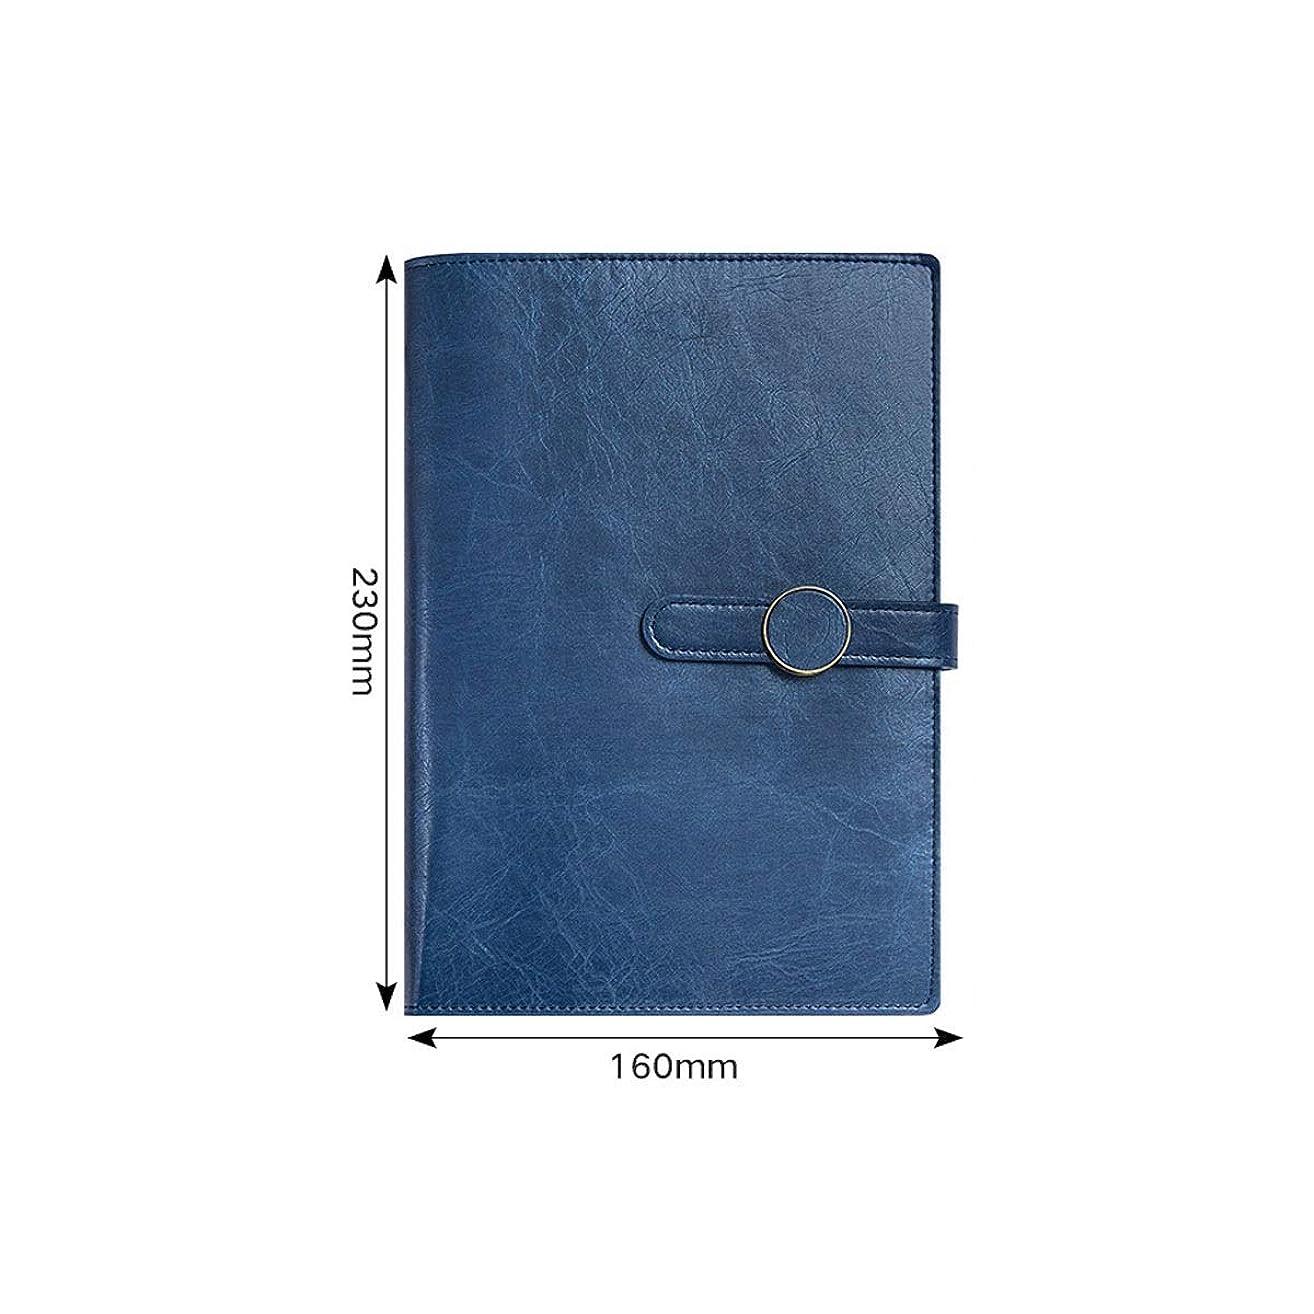 Hengtongtongxun ルーズリーフノート、簡単な携帯用メモ帳、ビジネスオフィスの会議のノート、赤、茶色、緑、青、黒 高品質の製品 2 (Color : Blue)